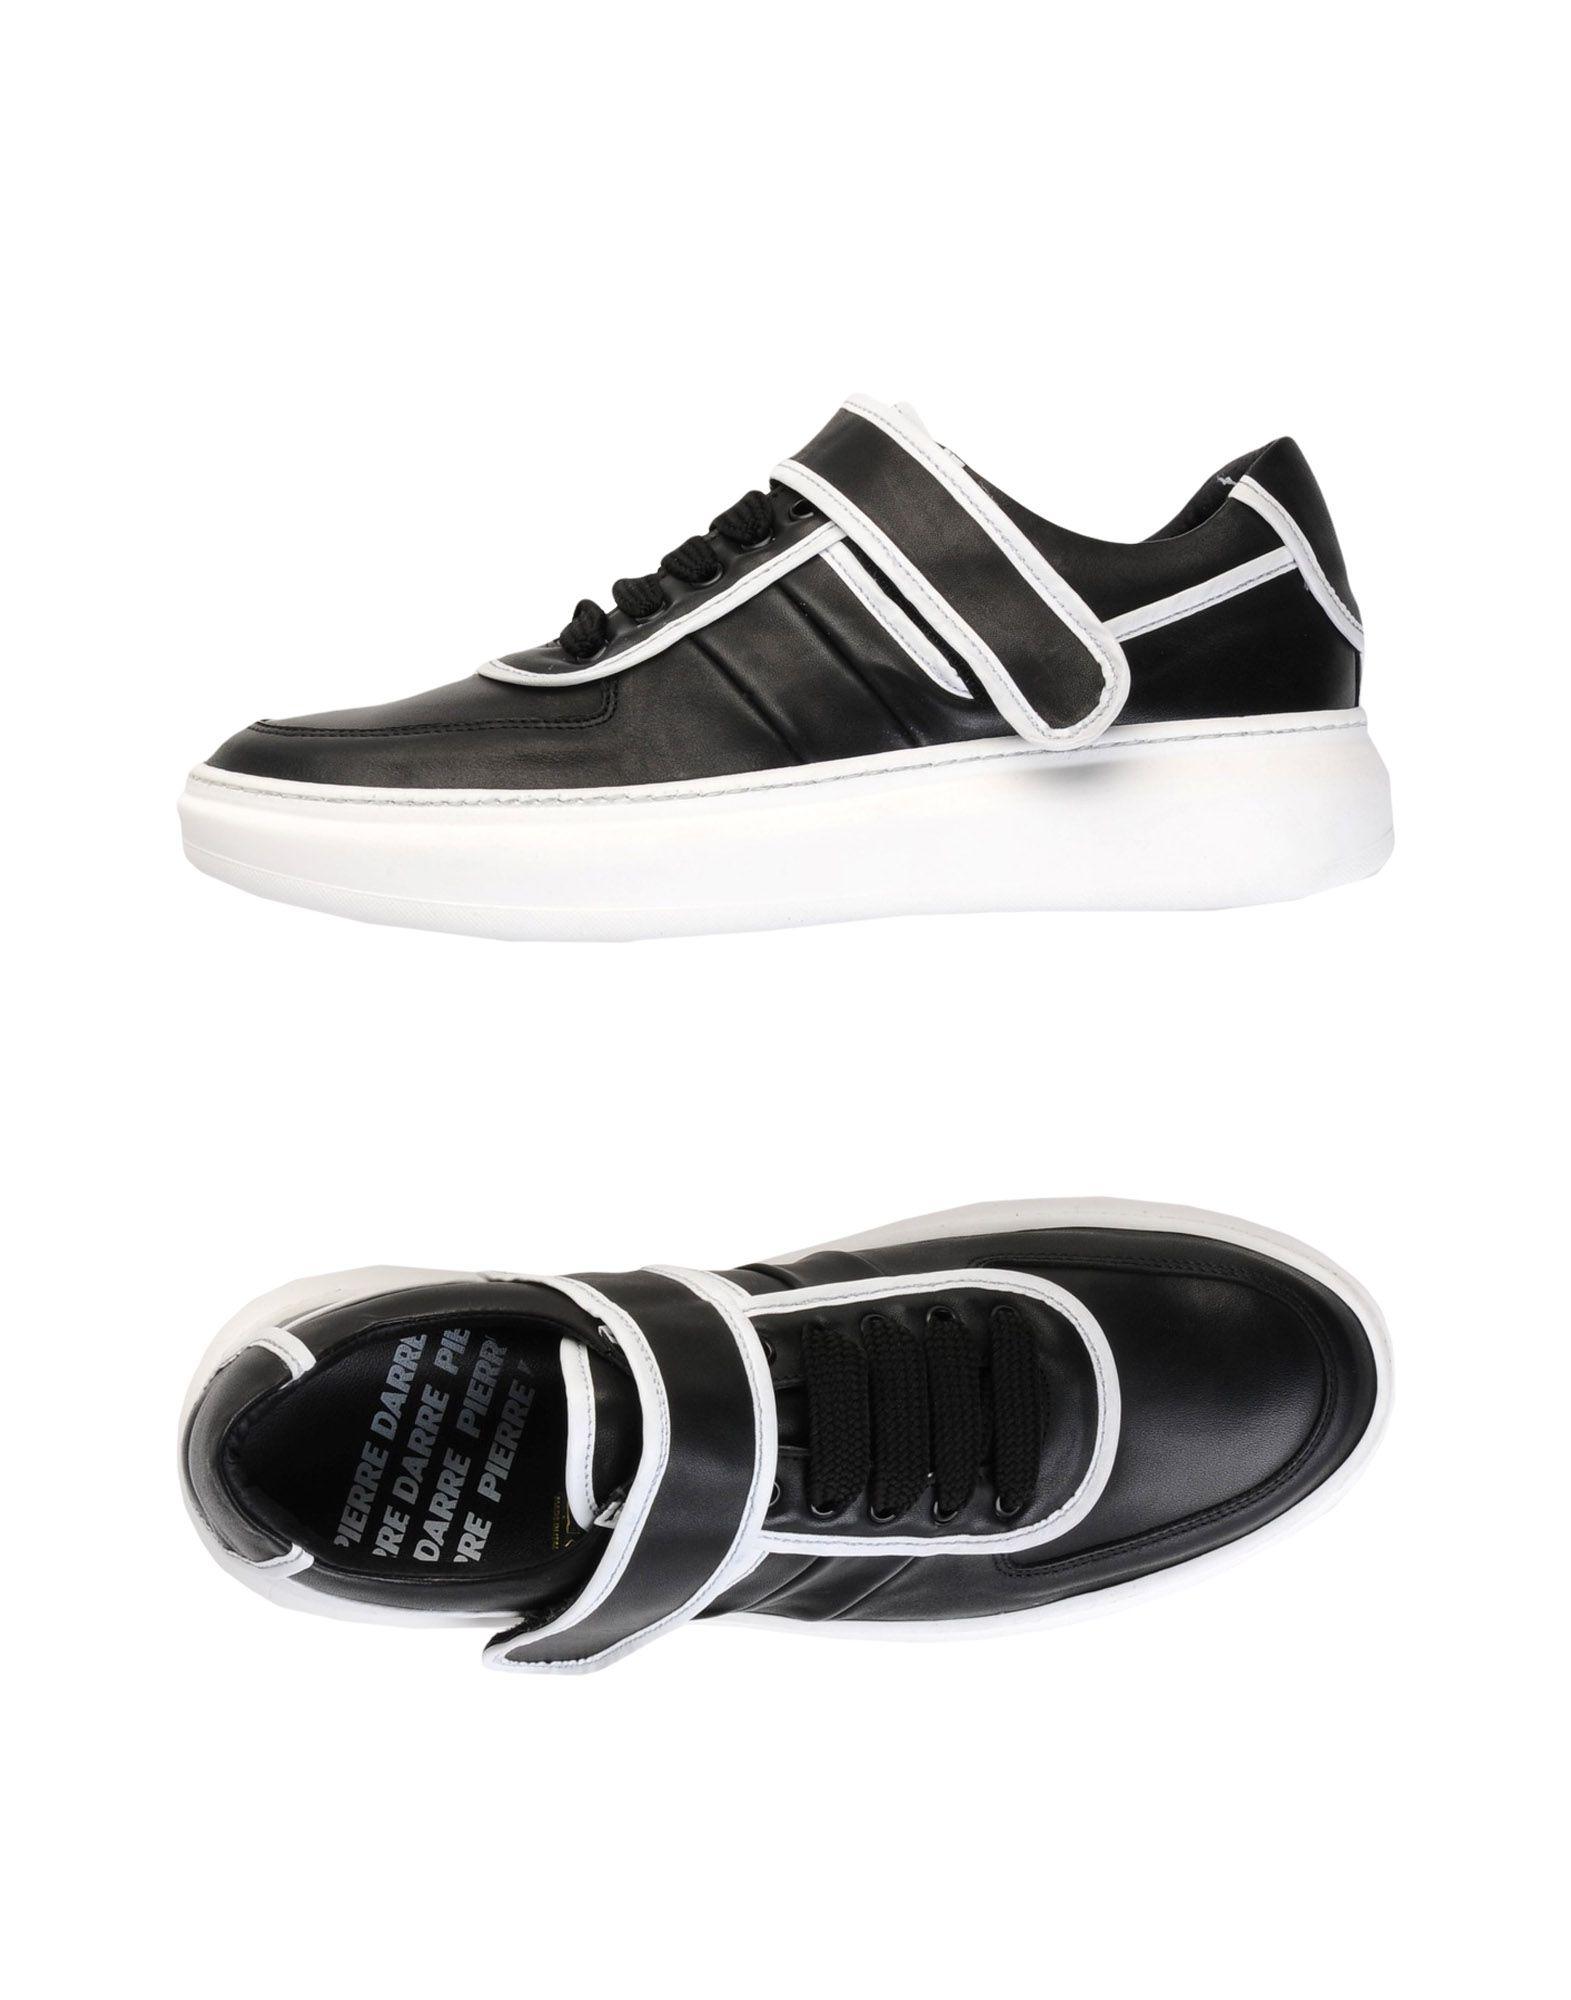 Rabatt Darré echte Schuhe Pierre Darré Rabatt Sneakers Herren  11536458LH bef702